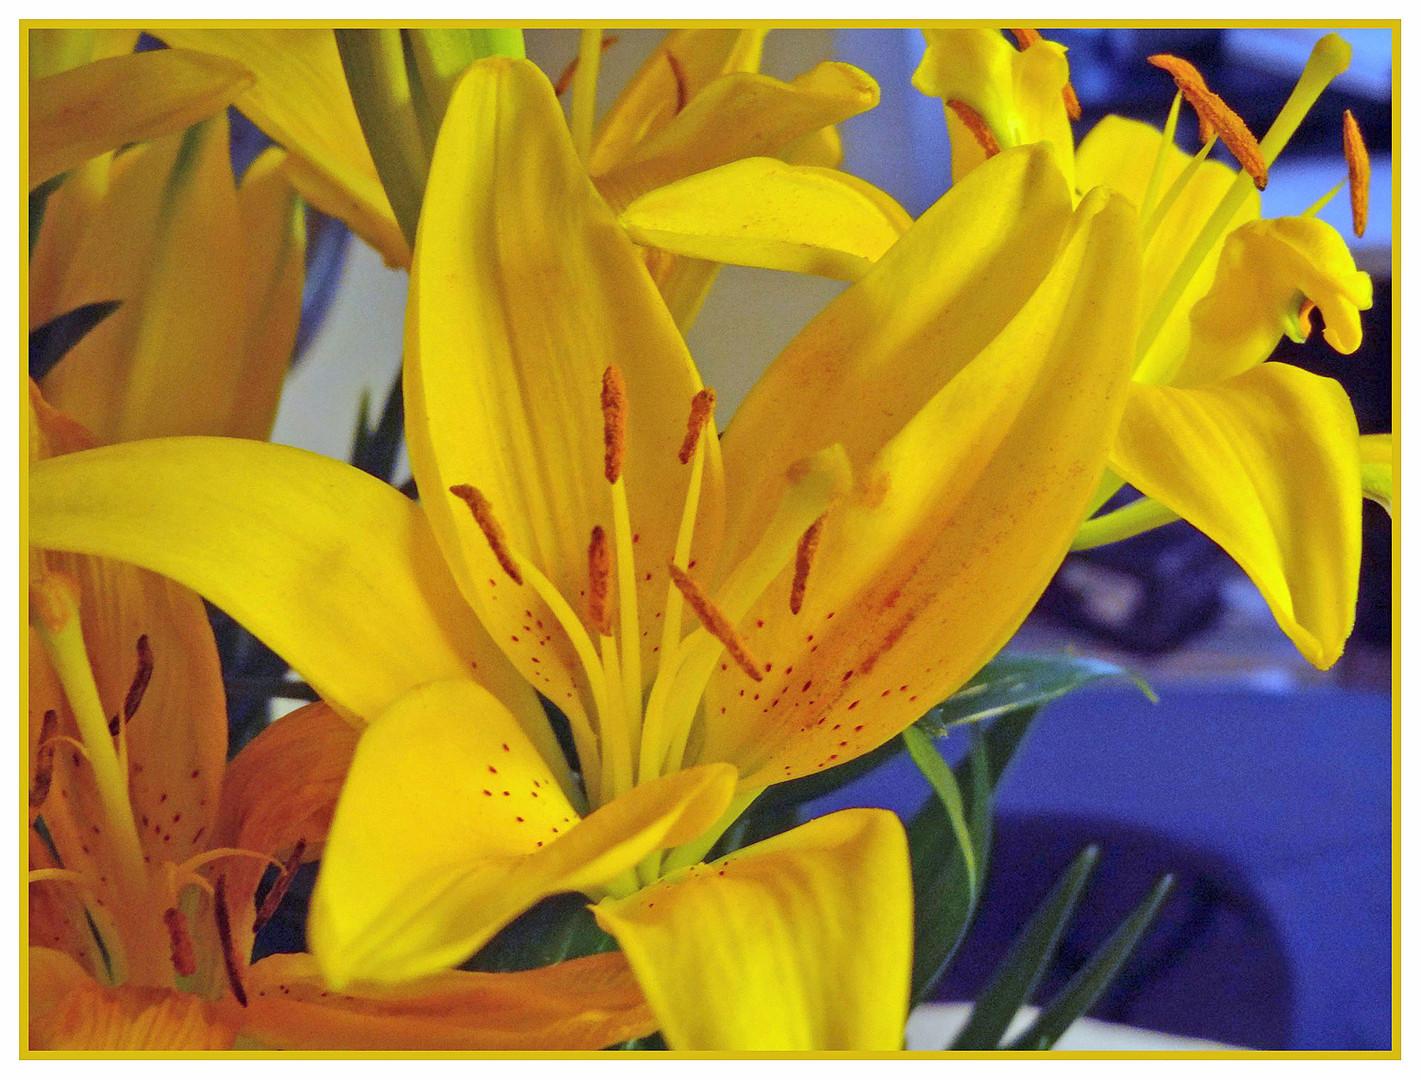 Eigentlich riechen mir lilien  zu stark - aber schön sind sie!